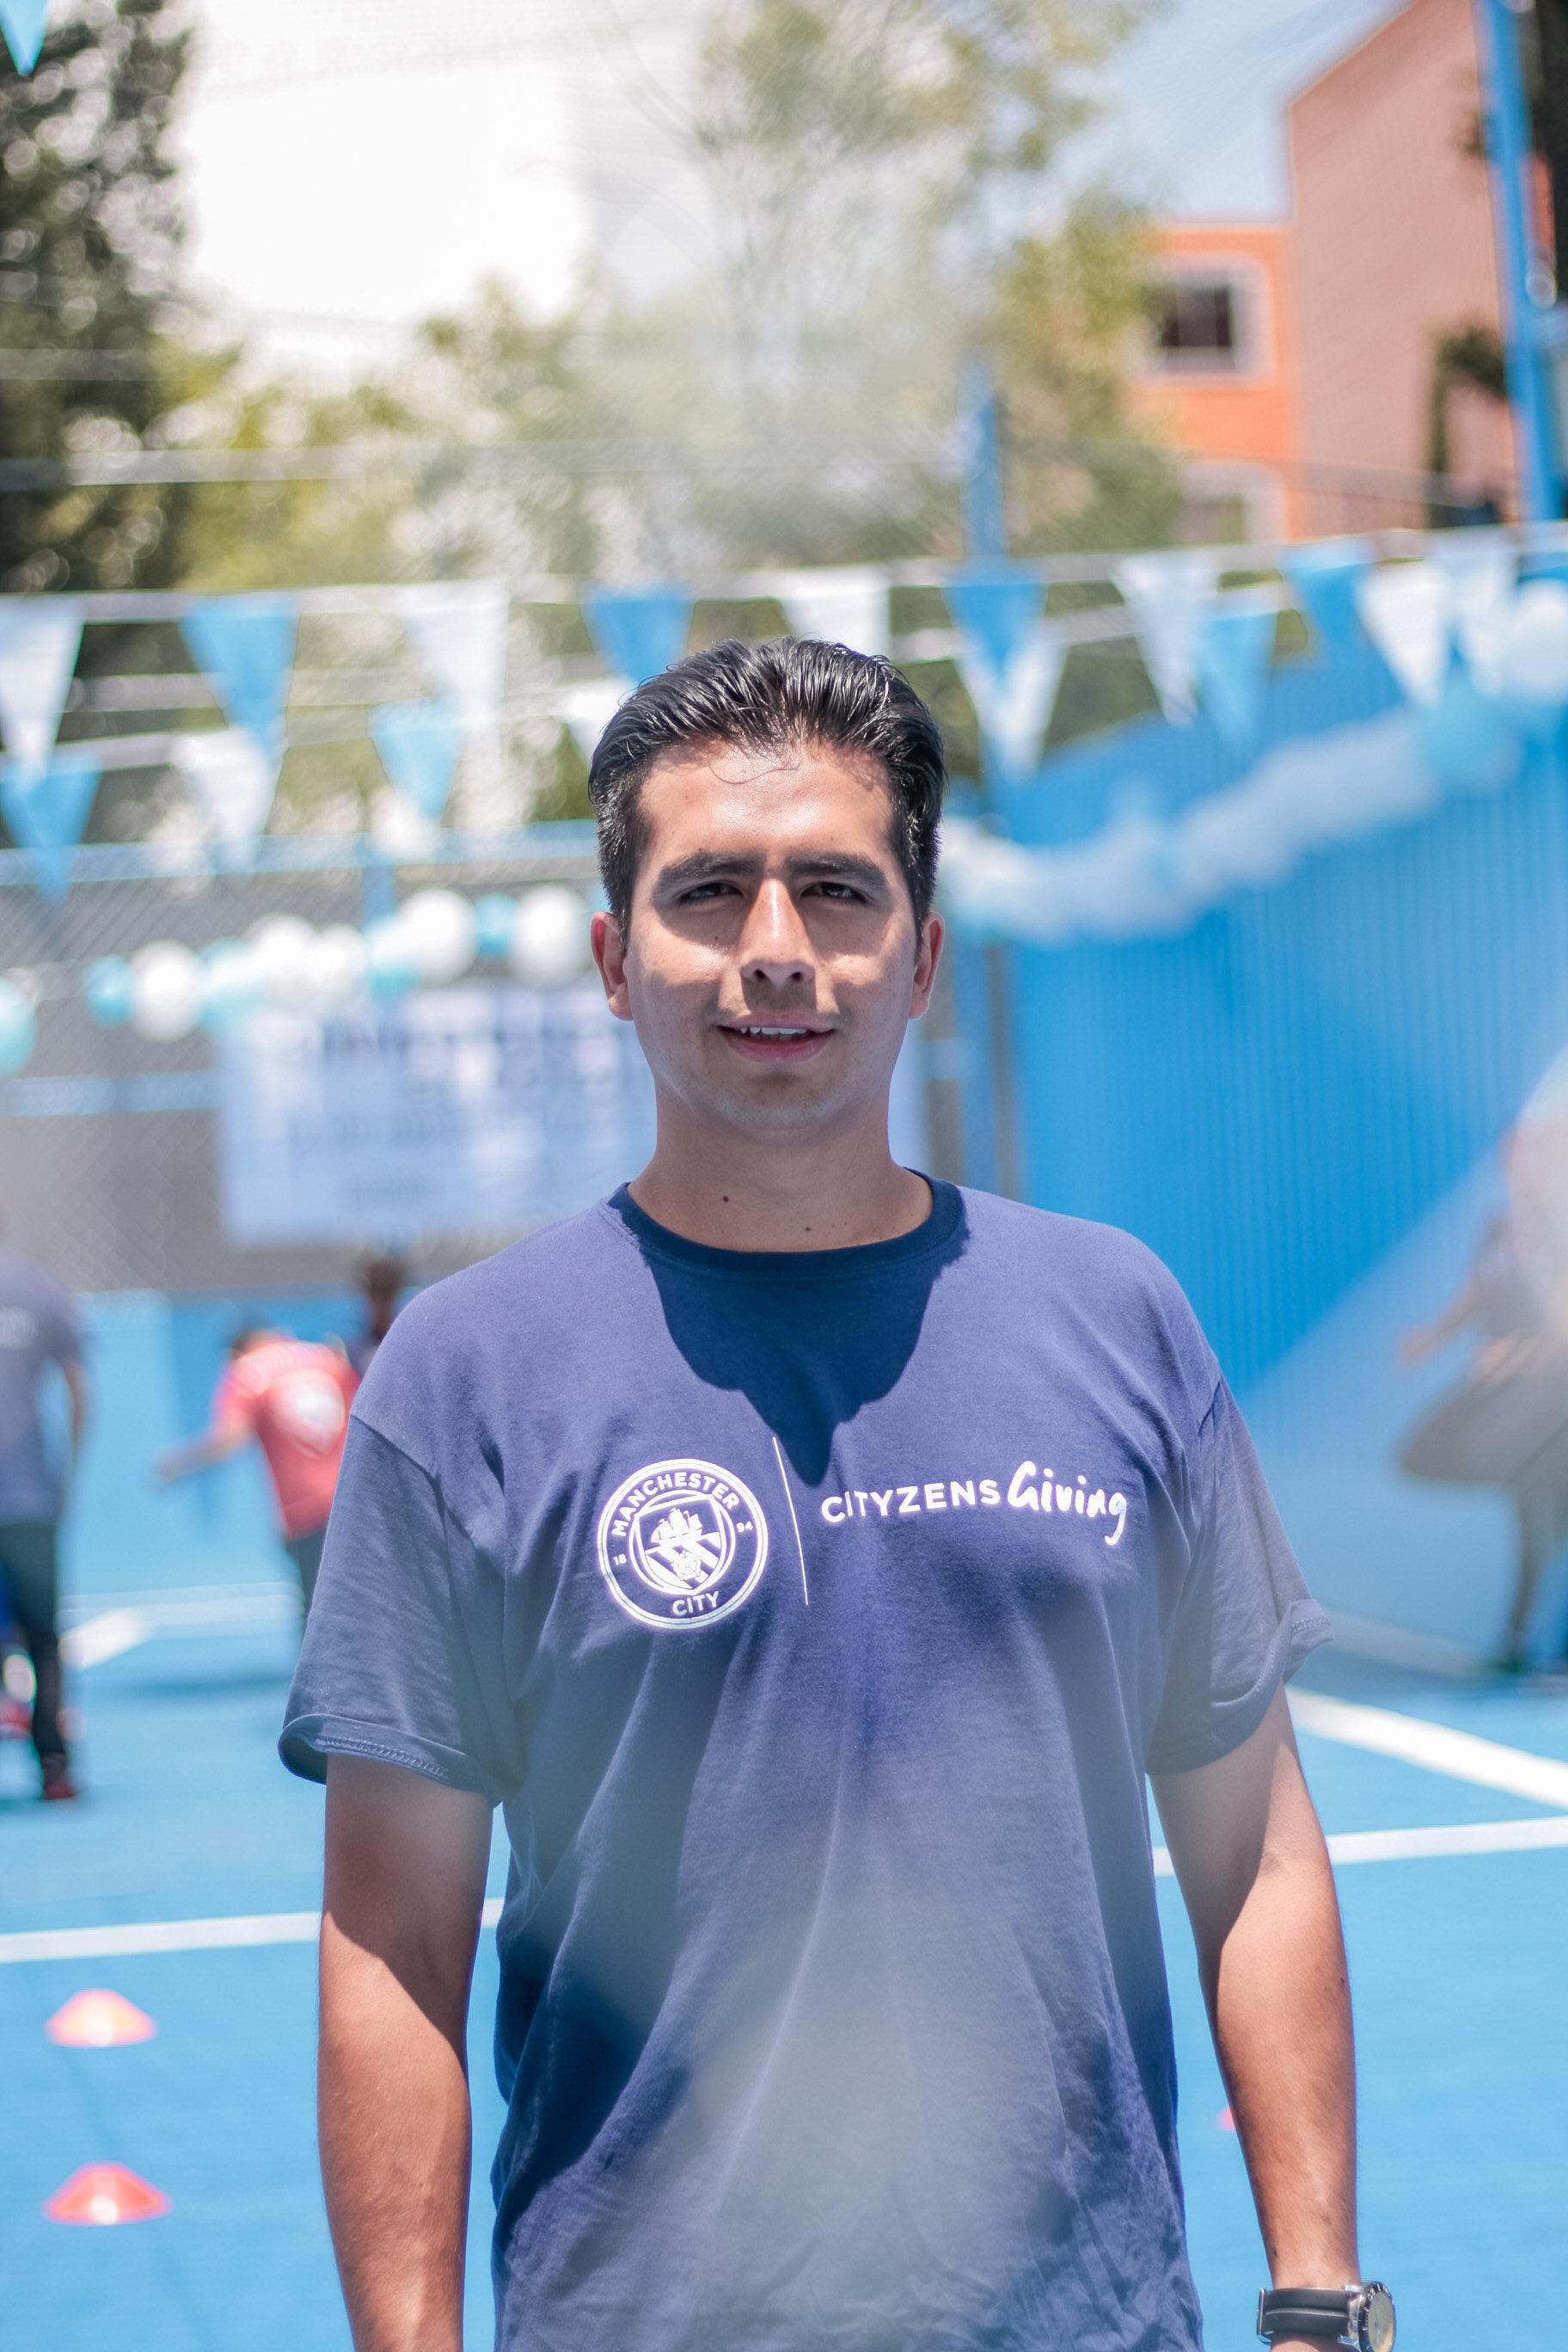 Esteban Aguilar,26 anos. - [Participar do Young Leaders Summit é importante] Para explicar sobre nosso projeto para que seja mais conhecido e para que vejam que o trabalho que estamos fazendo aqui no México é feito com muito amor com muito esforço e que estamos melhorando as condições sociais da nossa comunidade.